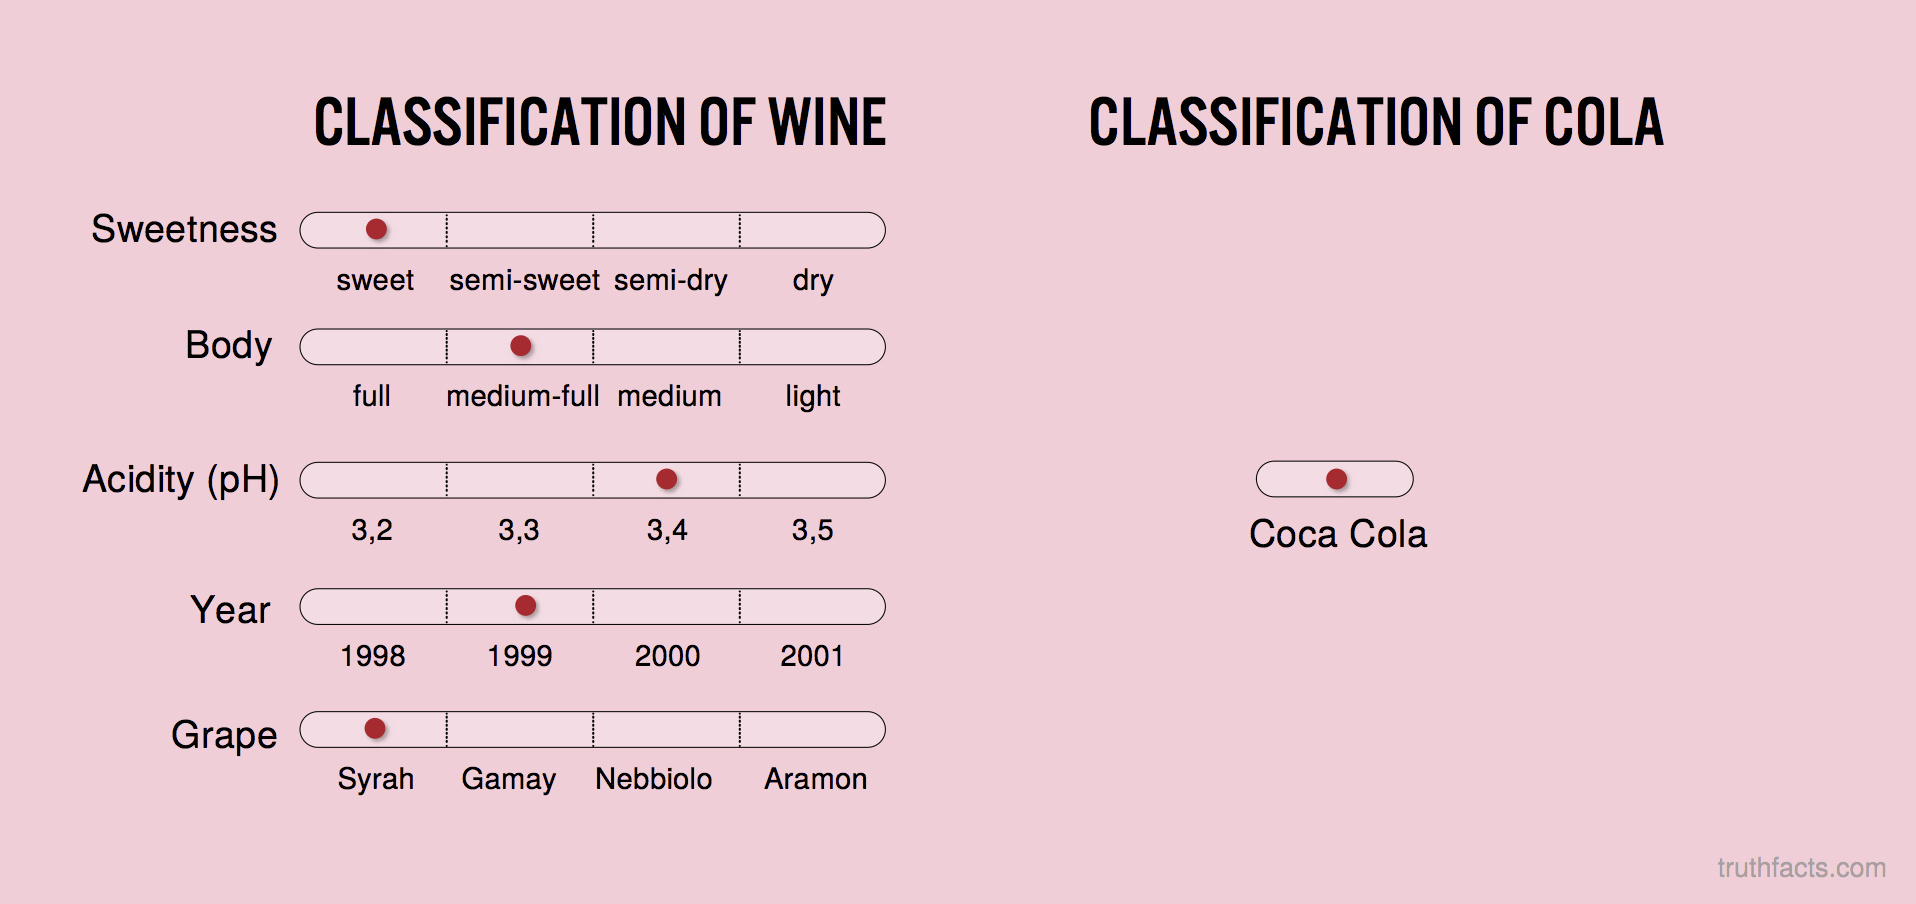 Classification of wine vs. cola